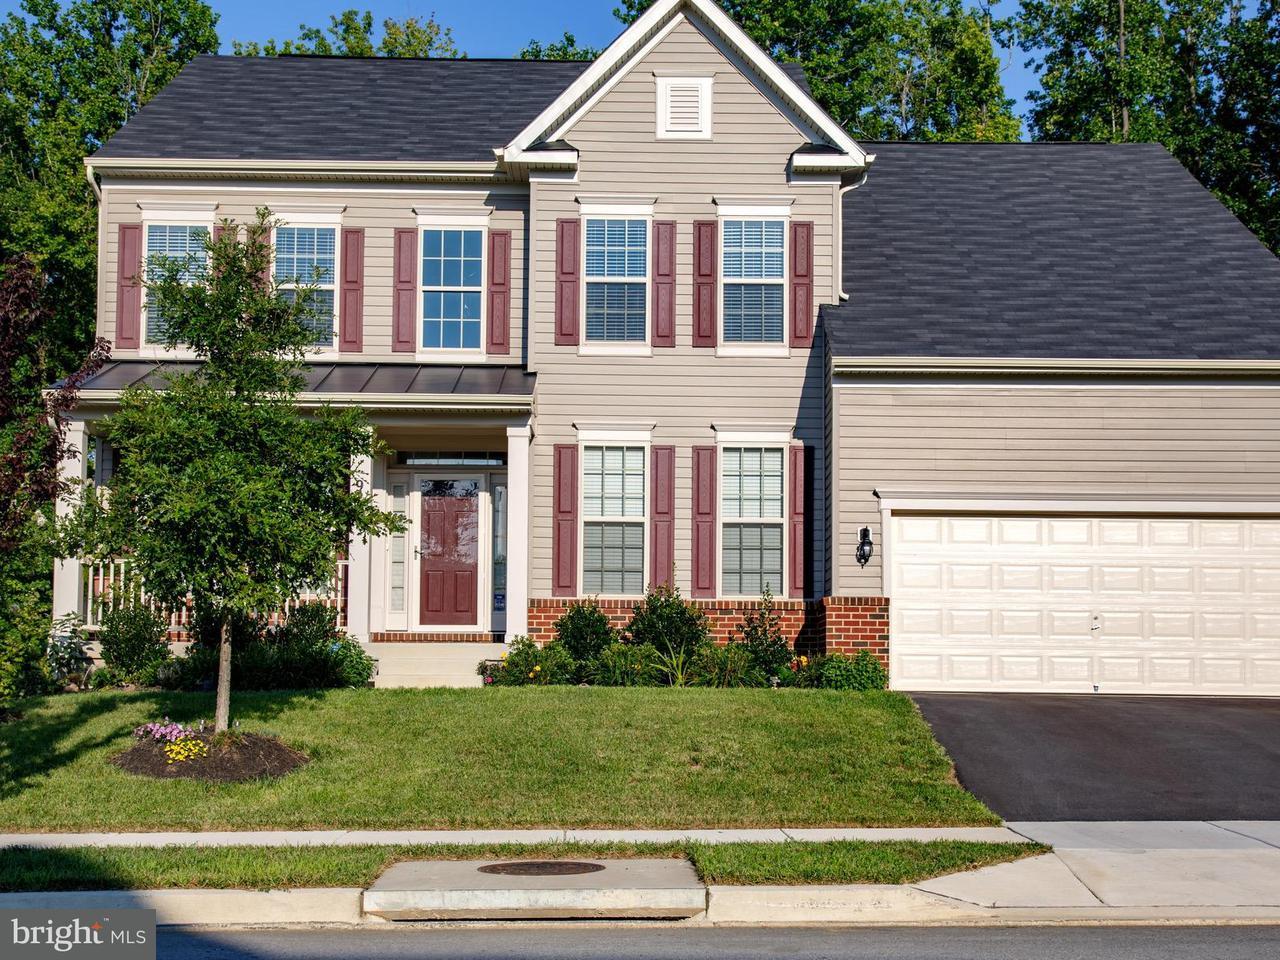 Villa per Vendita alle ore 9202 GLENARDEN PKWY 9202 GLENARDEN PKWY Glenarden, Maryland 20706 Stati Uniti